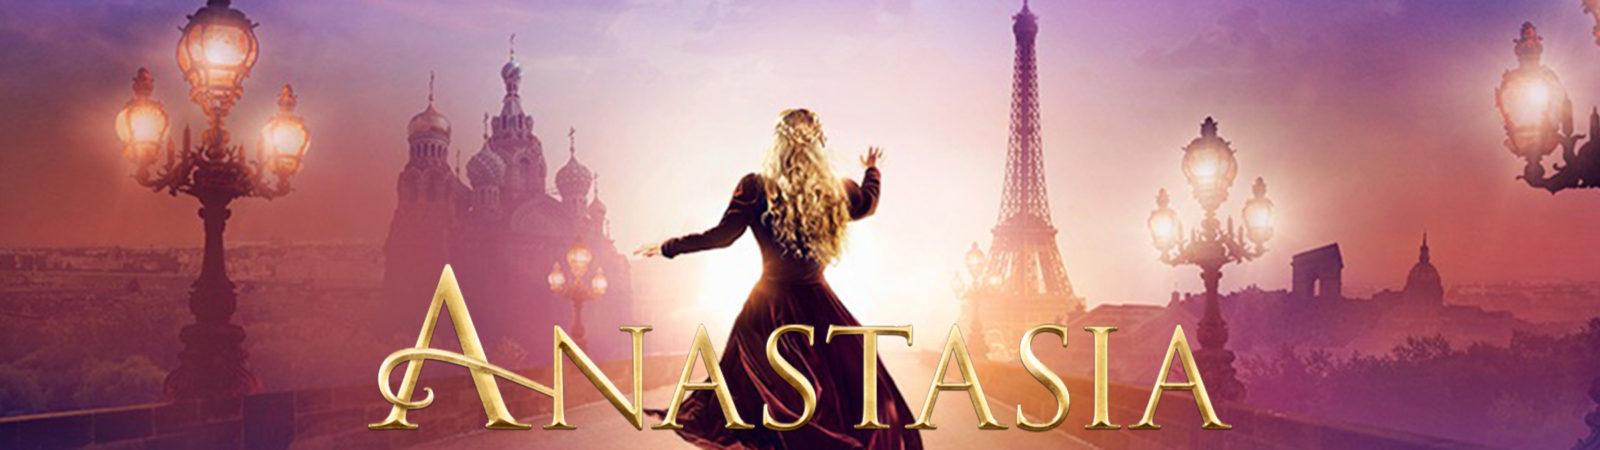 Anastasia | Los Angeles